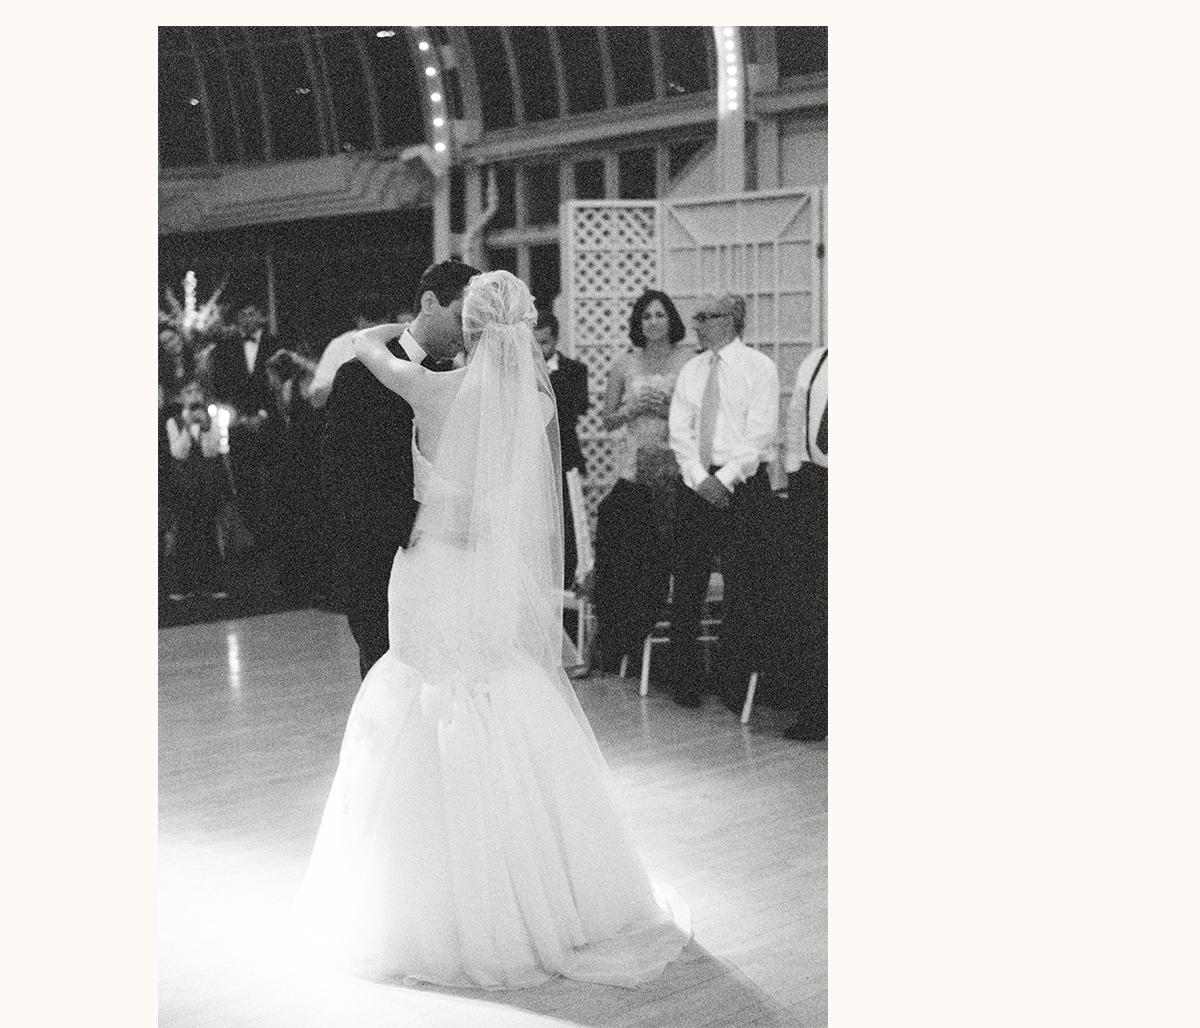 Brooklyn Botanical Gardens Wedding Photographer 35 - BROOKLYN BOTANICAL GARDEN WEDDING PHOTOGRAPHY